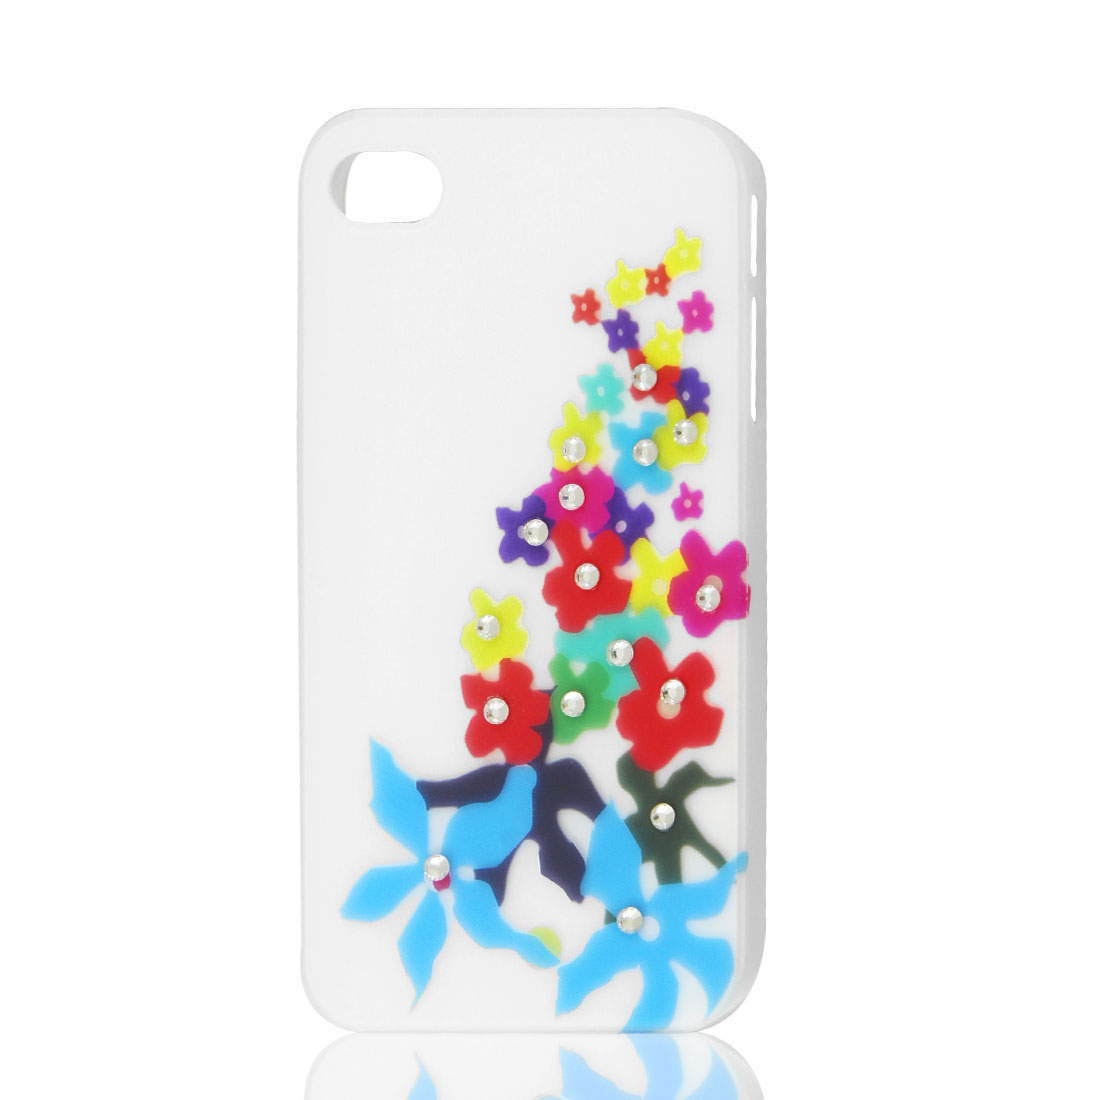 White Glitter Rhinestone Flower Hard Back Case Cover Shell for iPhone 4 4G